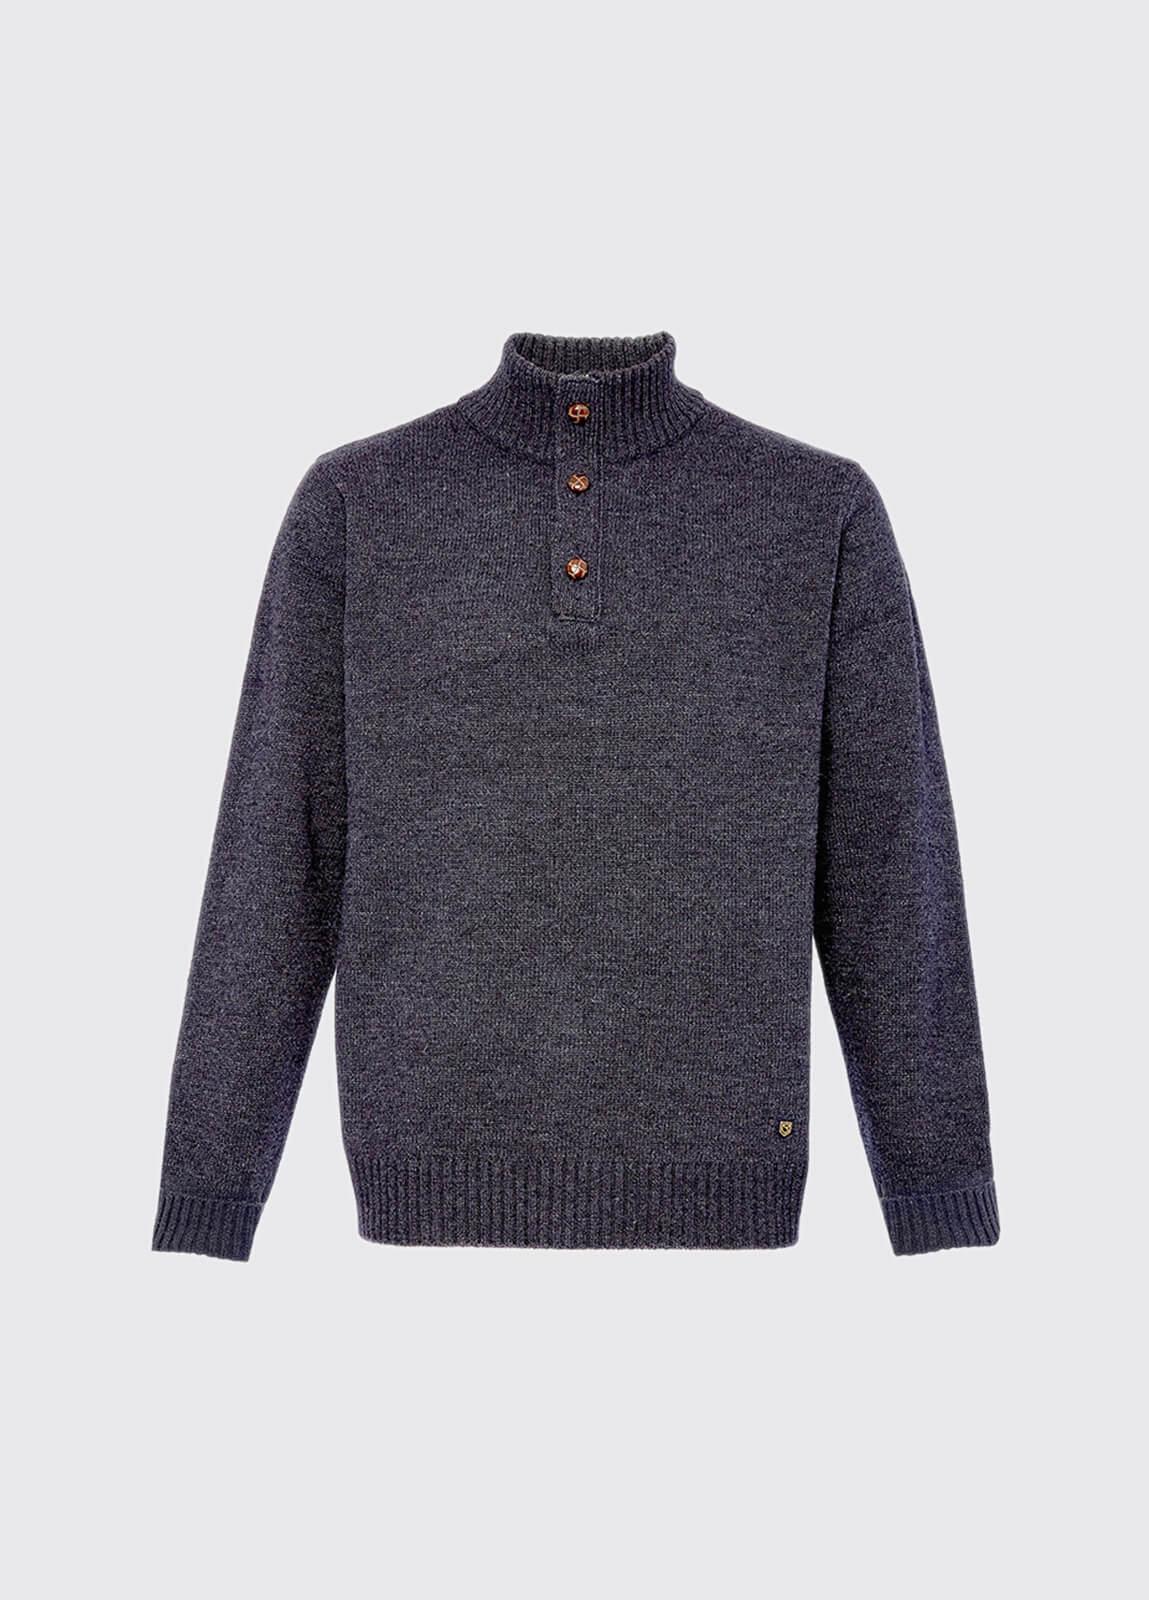 Mallon Sweater - Graphite